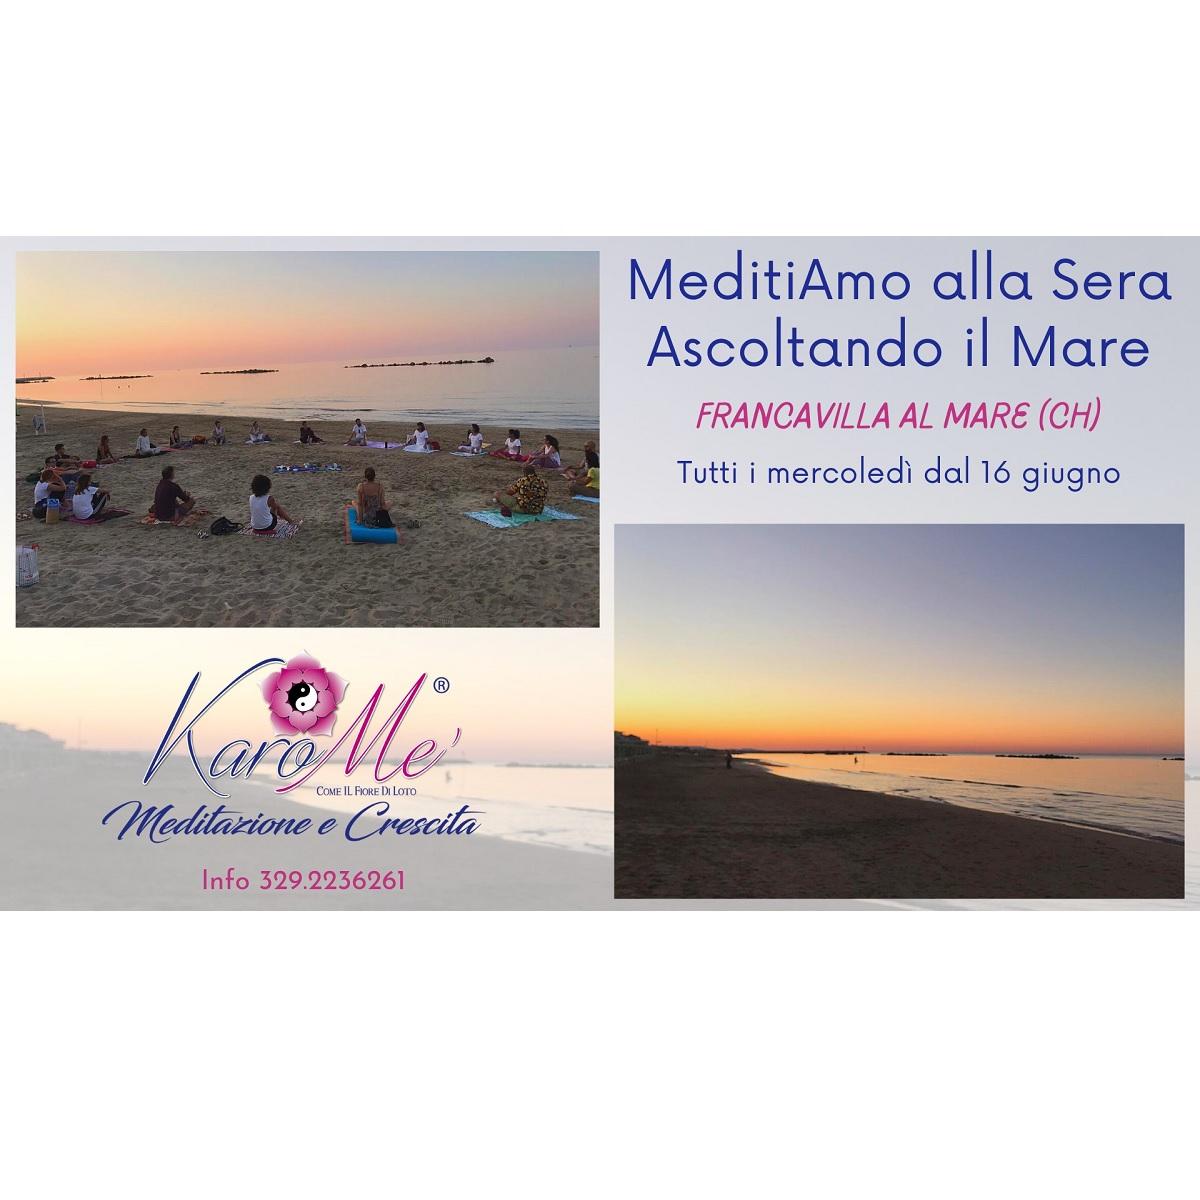 MeditiAmo Alla Sera Ascoltando il Mare 21 luglio 2021 foto